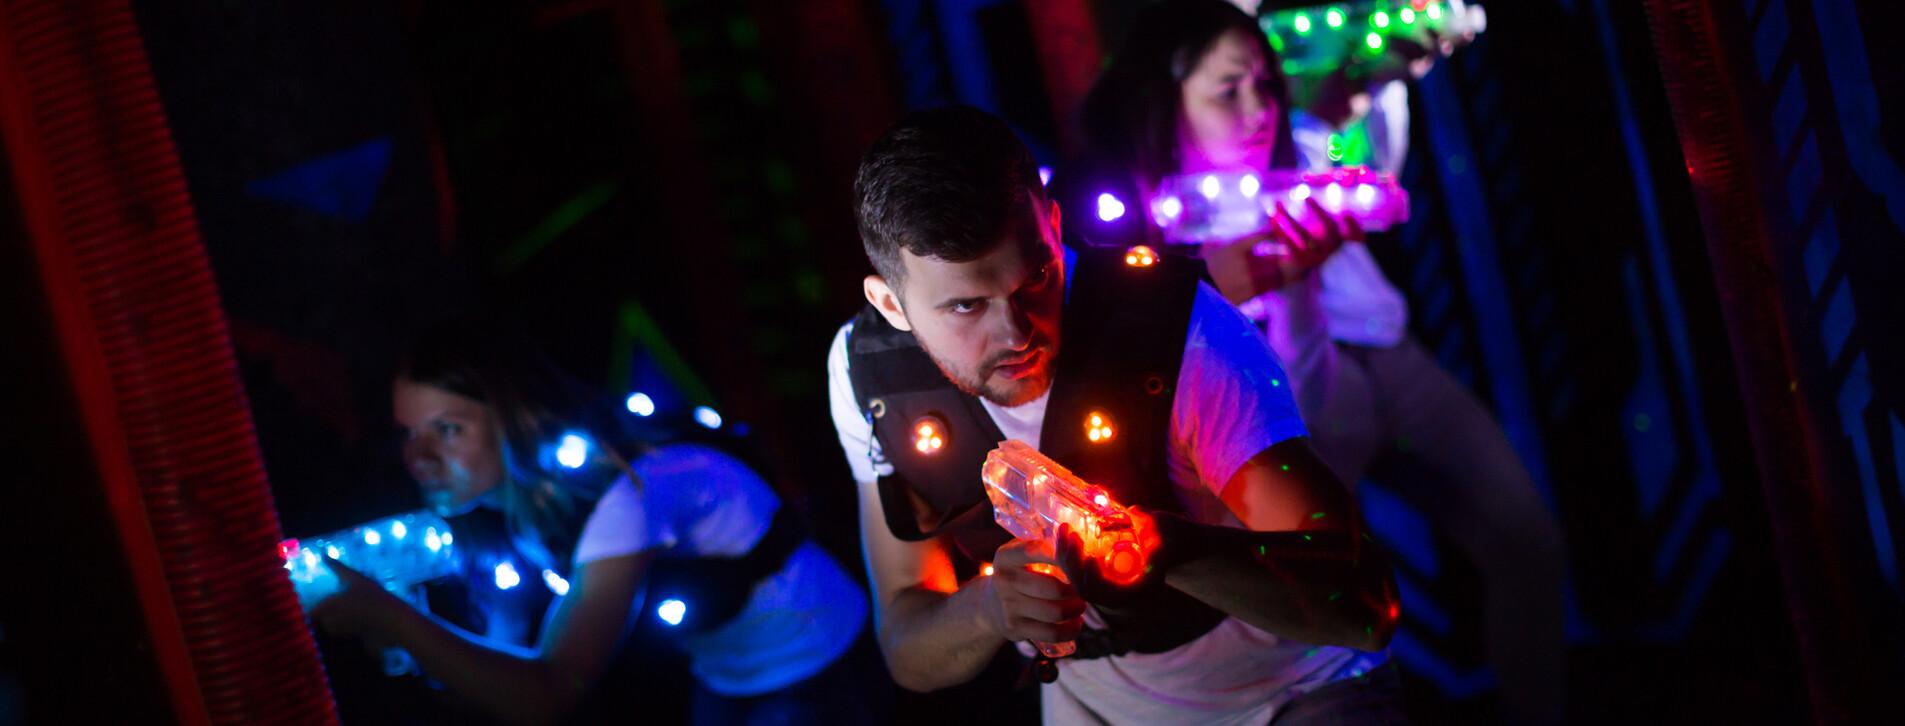 Фото 1 - Лазертаг с друзьями